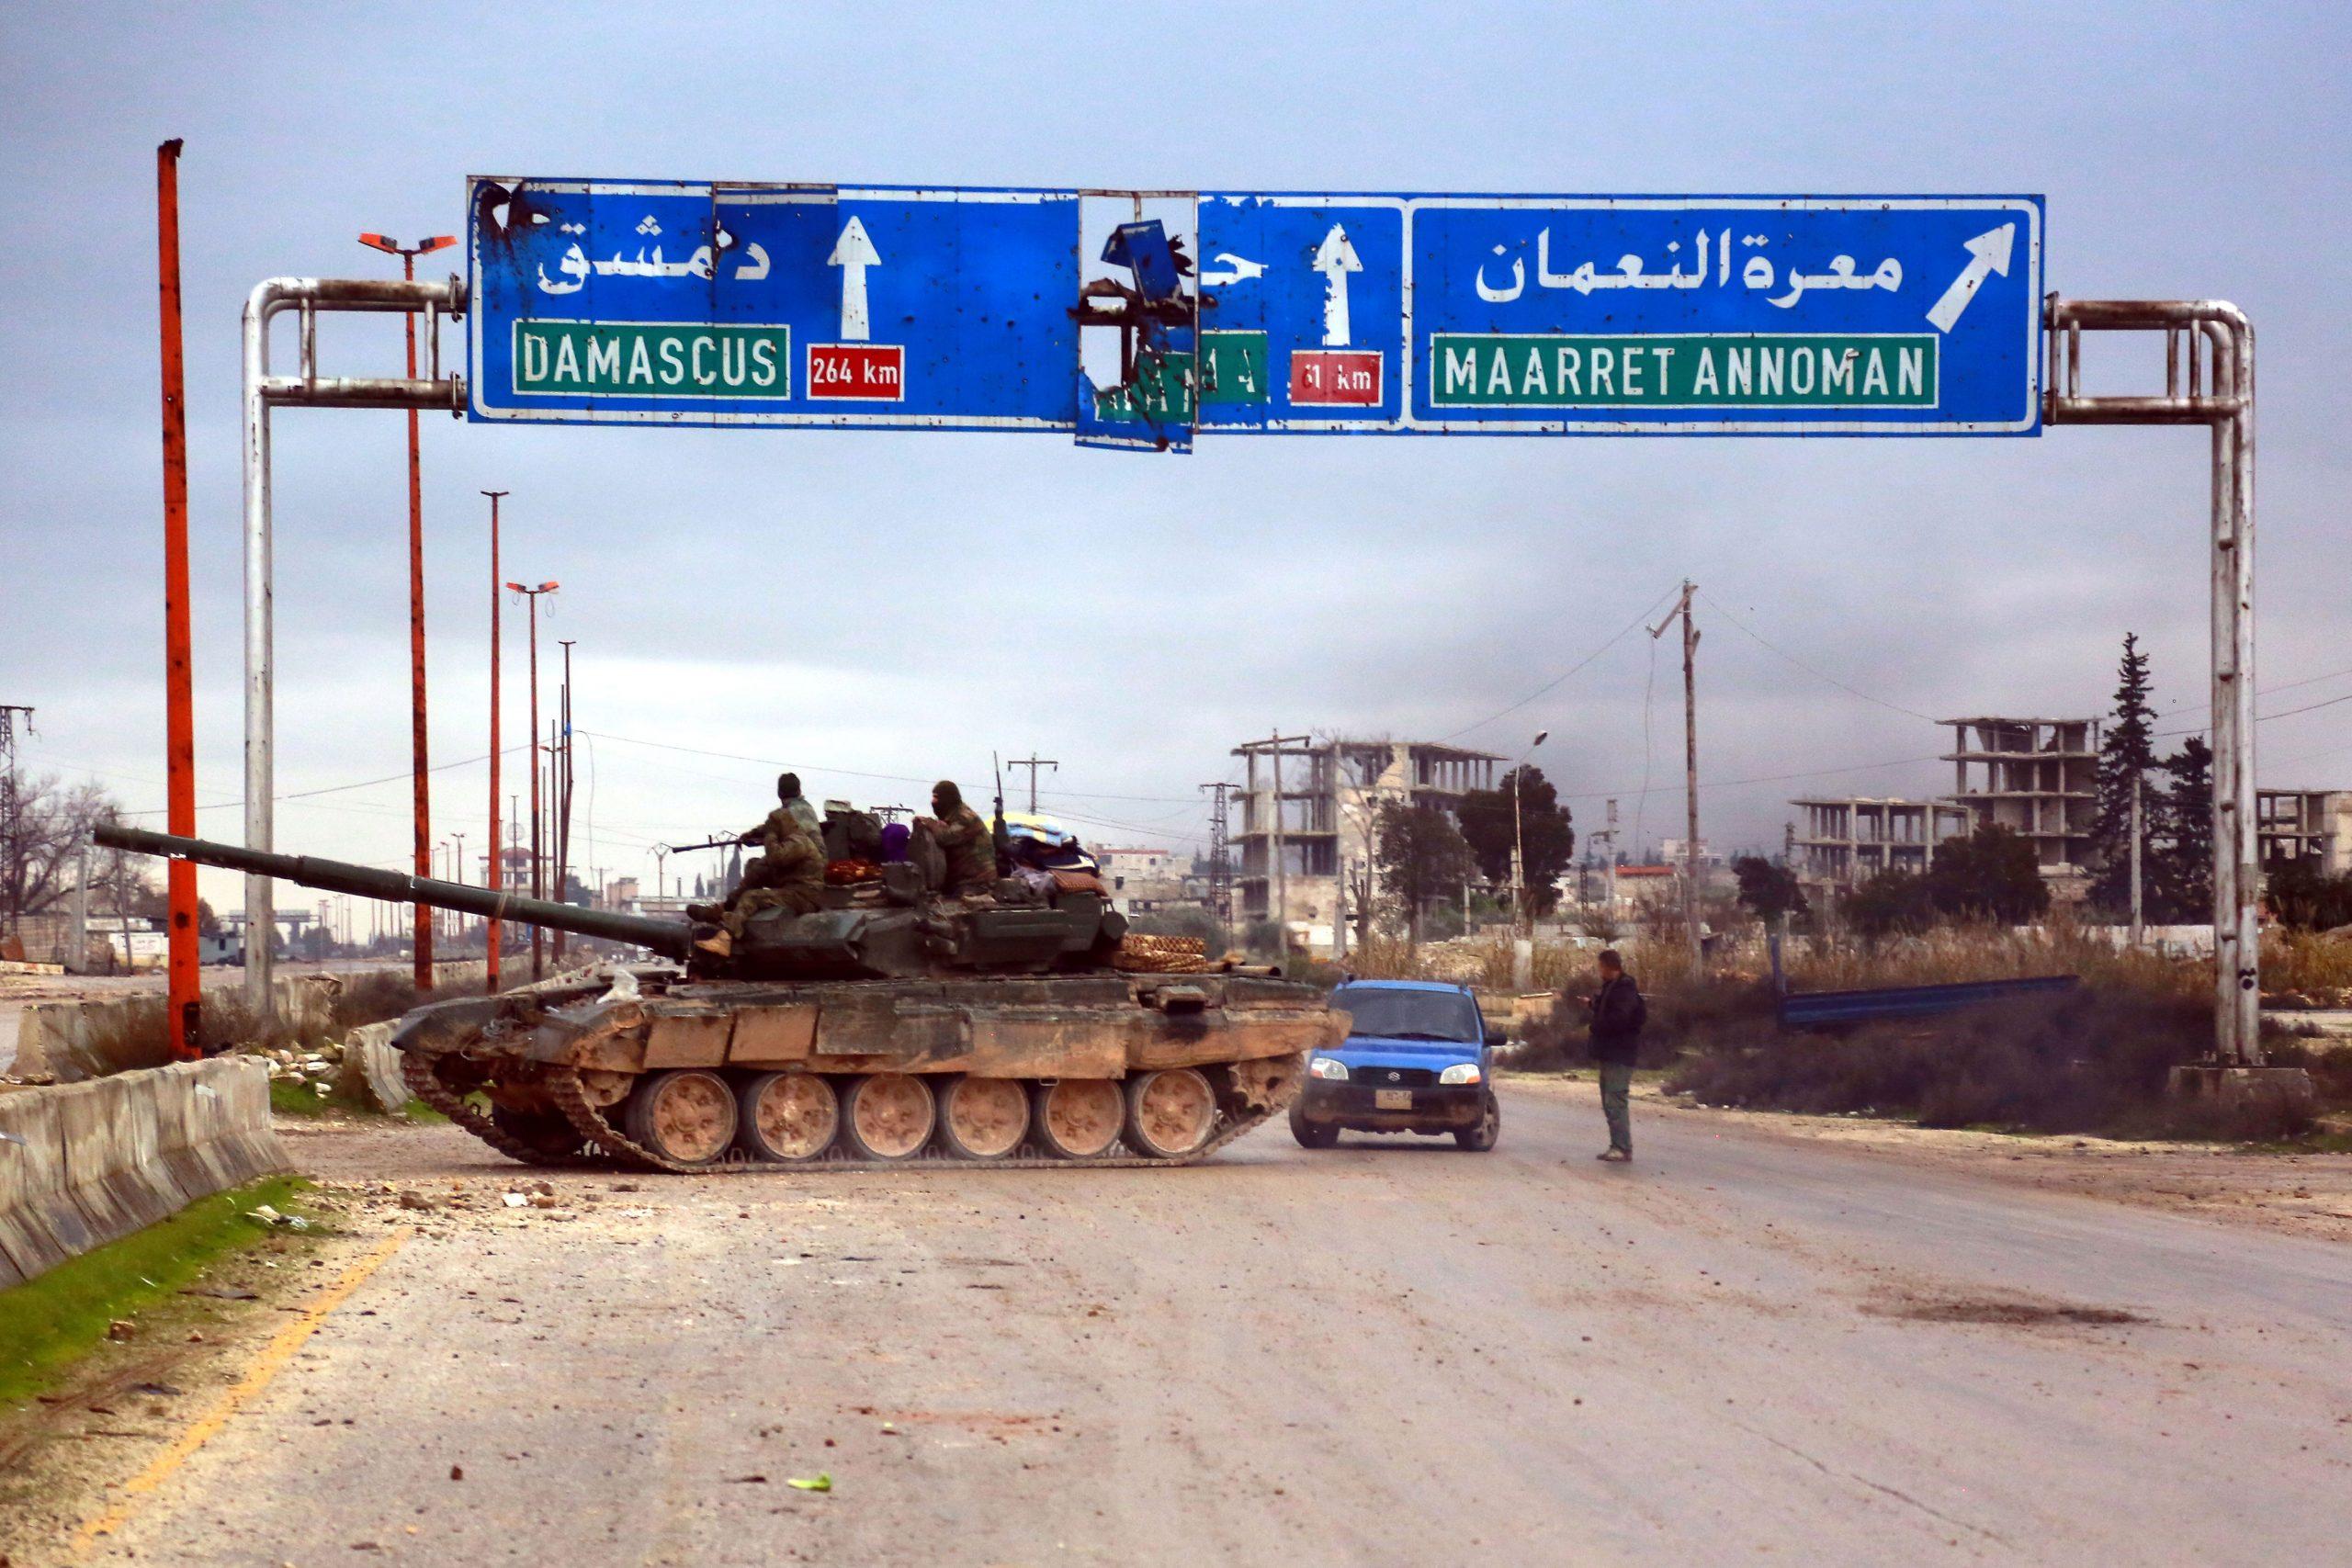 Για να δούμε την αντίδραση του Ερντογάν! Νέα απώλεια στη Συρία: Νεκρός Τούρκος στρατιώτης από επίθεση συριακών δυνάμεων